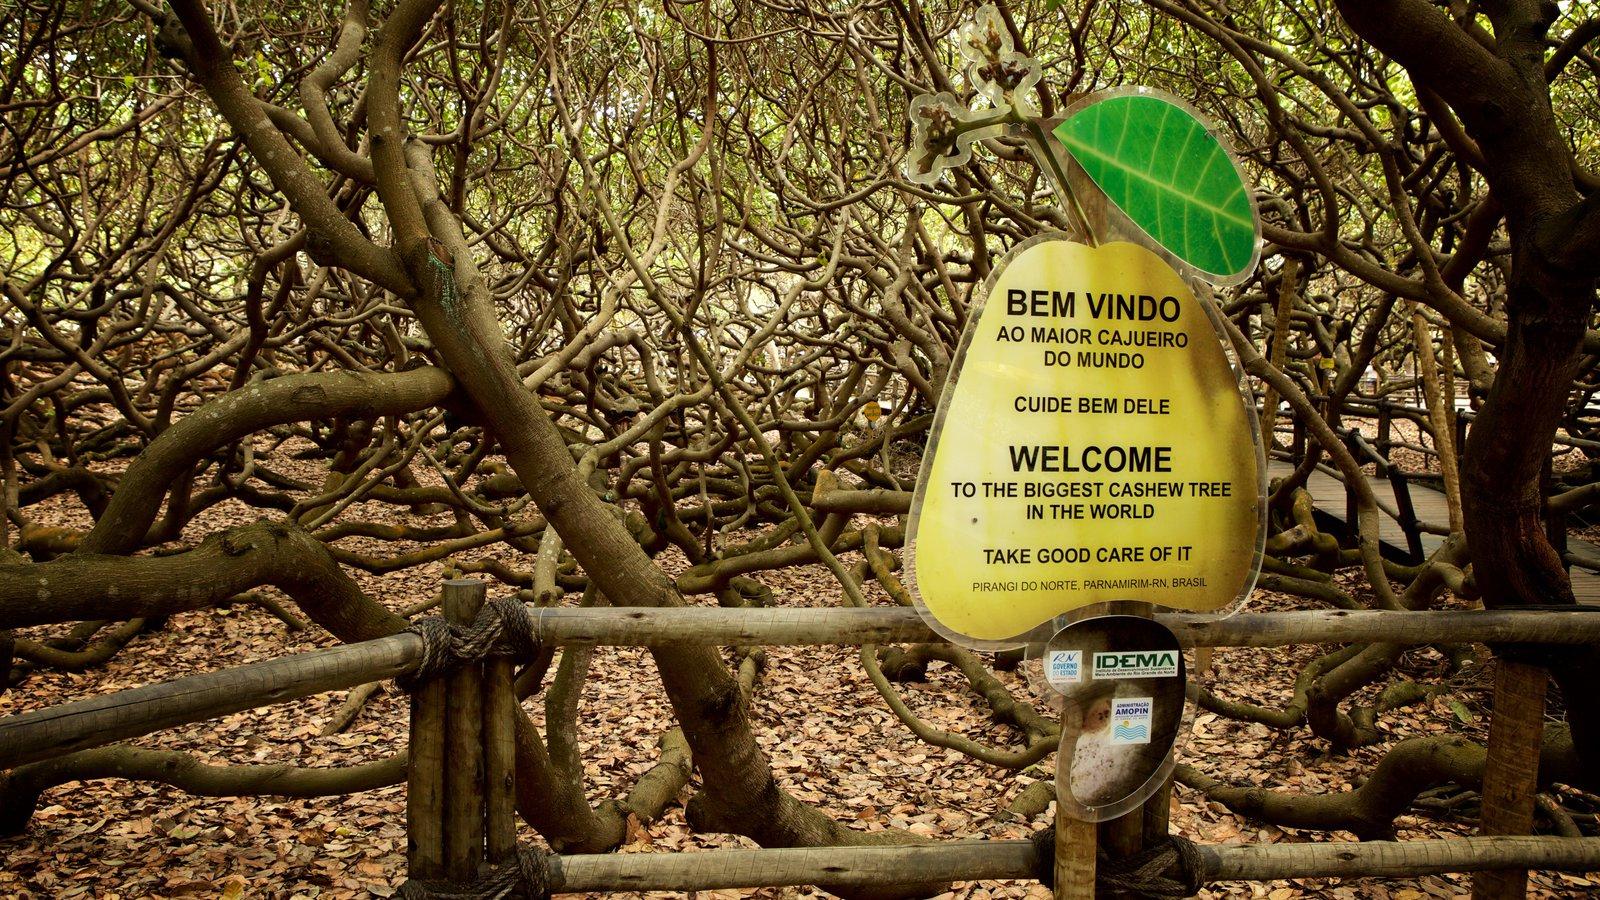 Cajueiro de Pirangi que inclui sinalização e um jardim